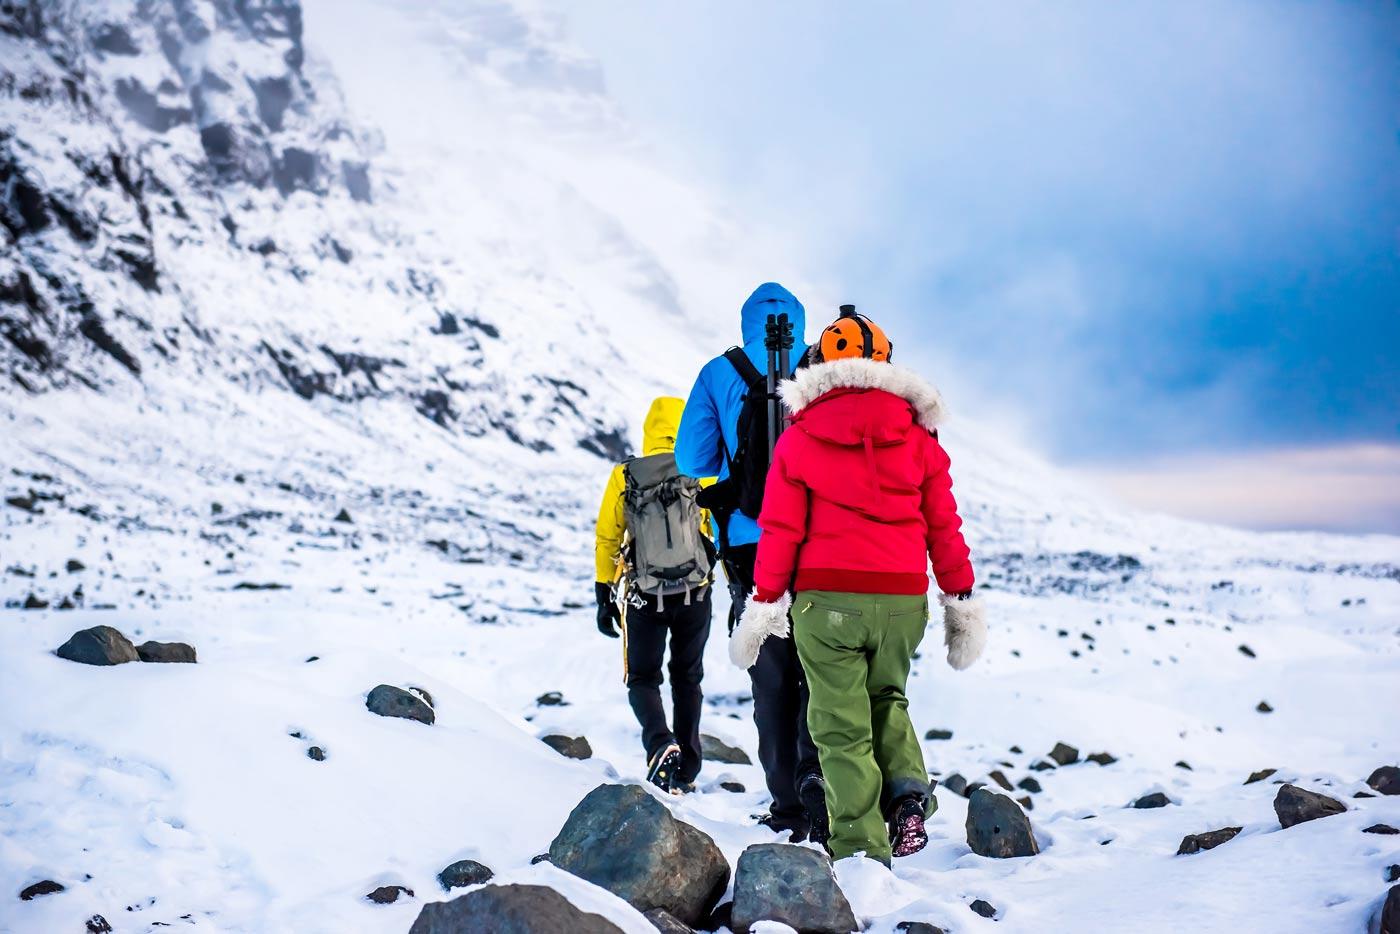 Γιατί κάνει περισσότερο κρύο στο βουνό απ' ότι στη θάλασσα;